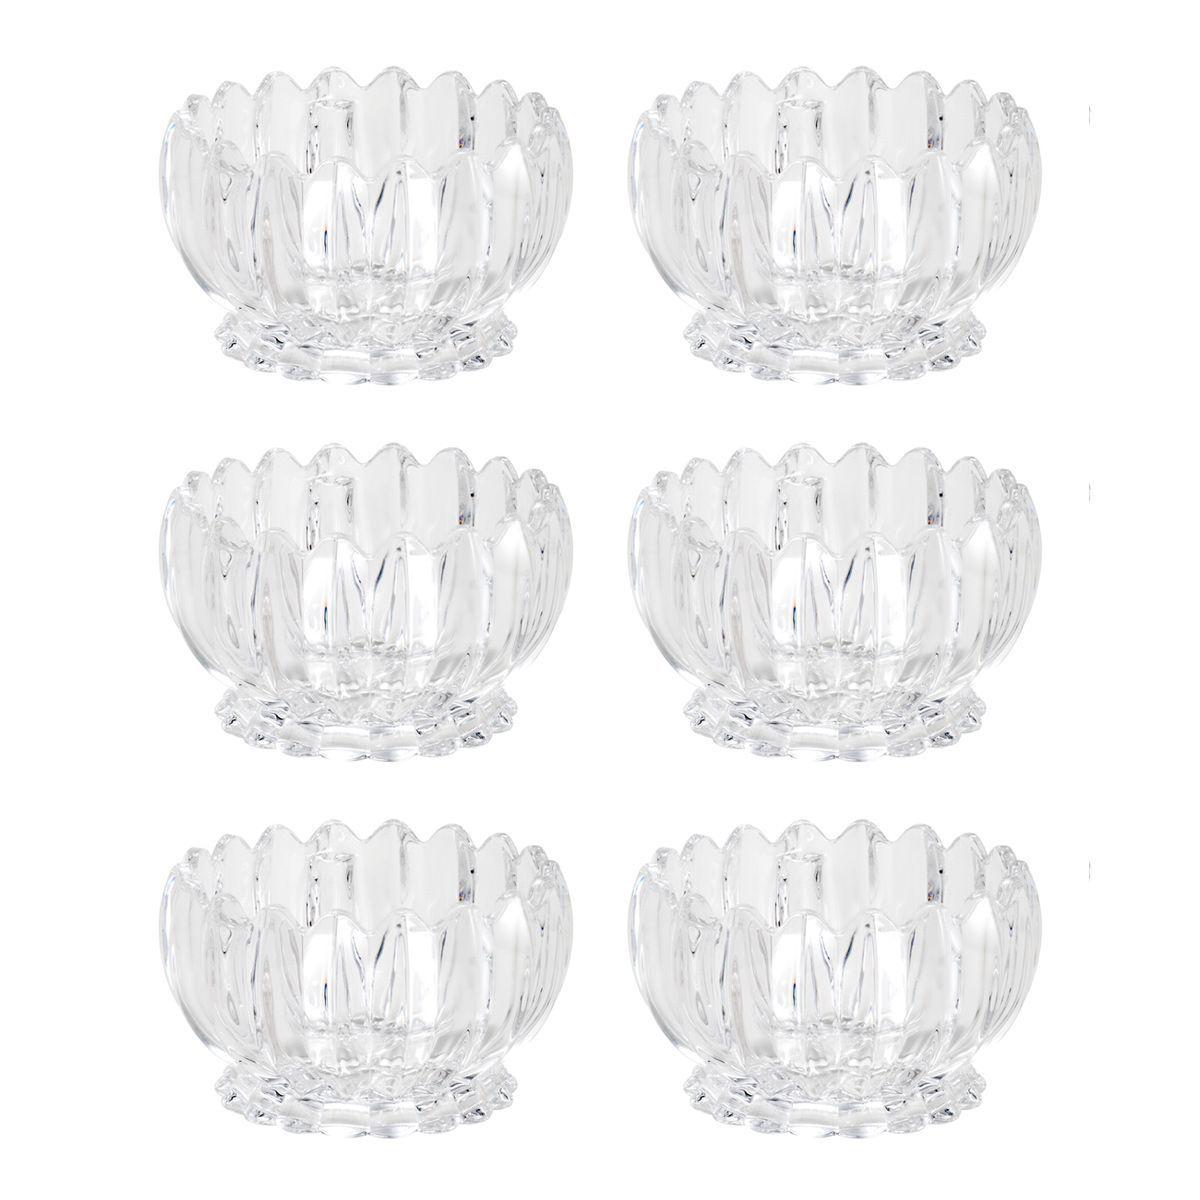 Jogo 6 bowls 11 cm para sobremesa de cristal transparente Geneva Wolff - 25849